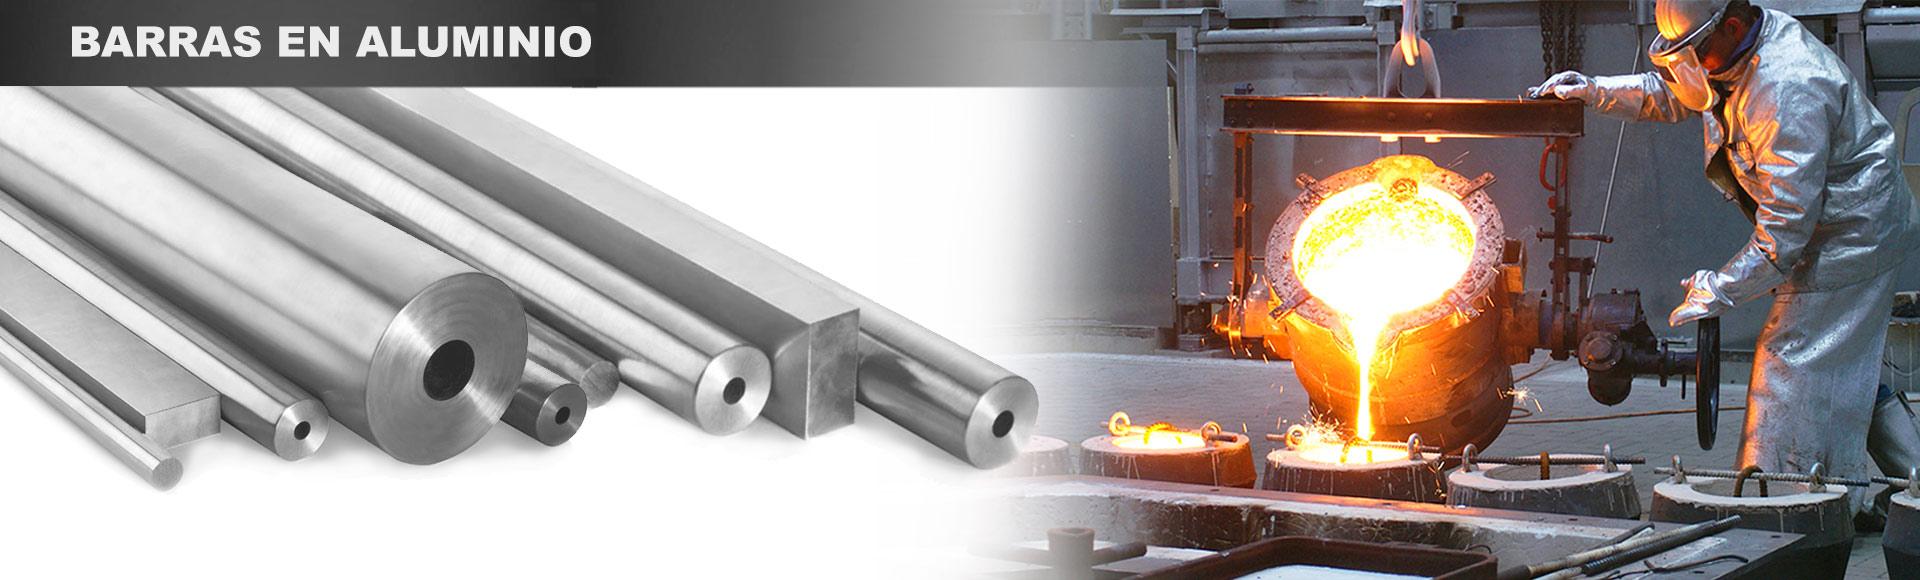 aluminio-barras